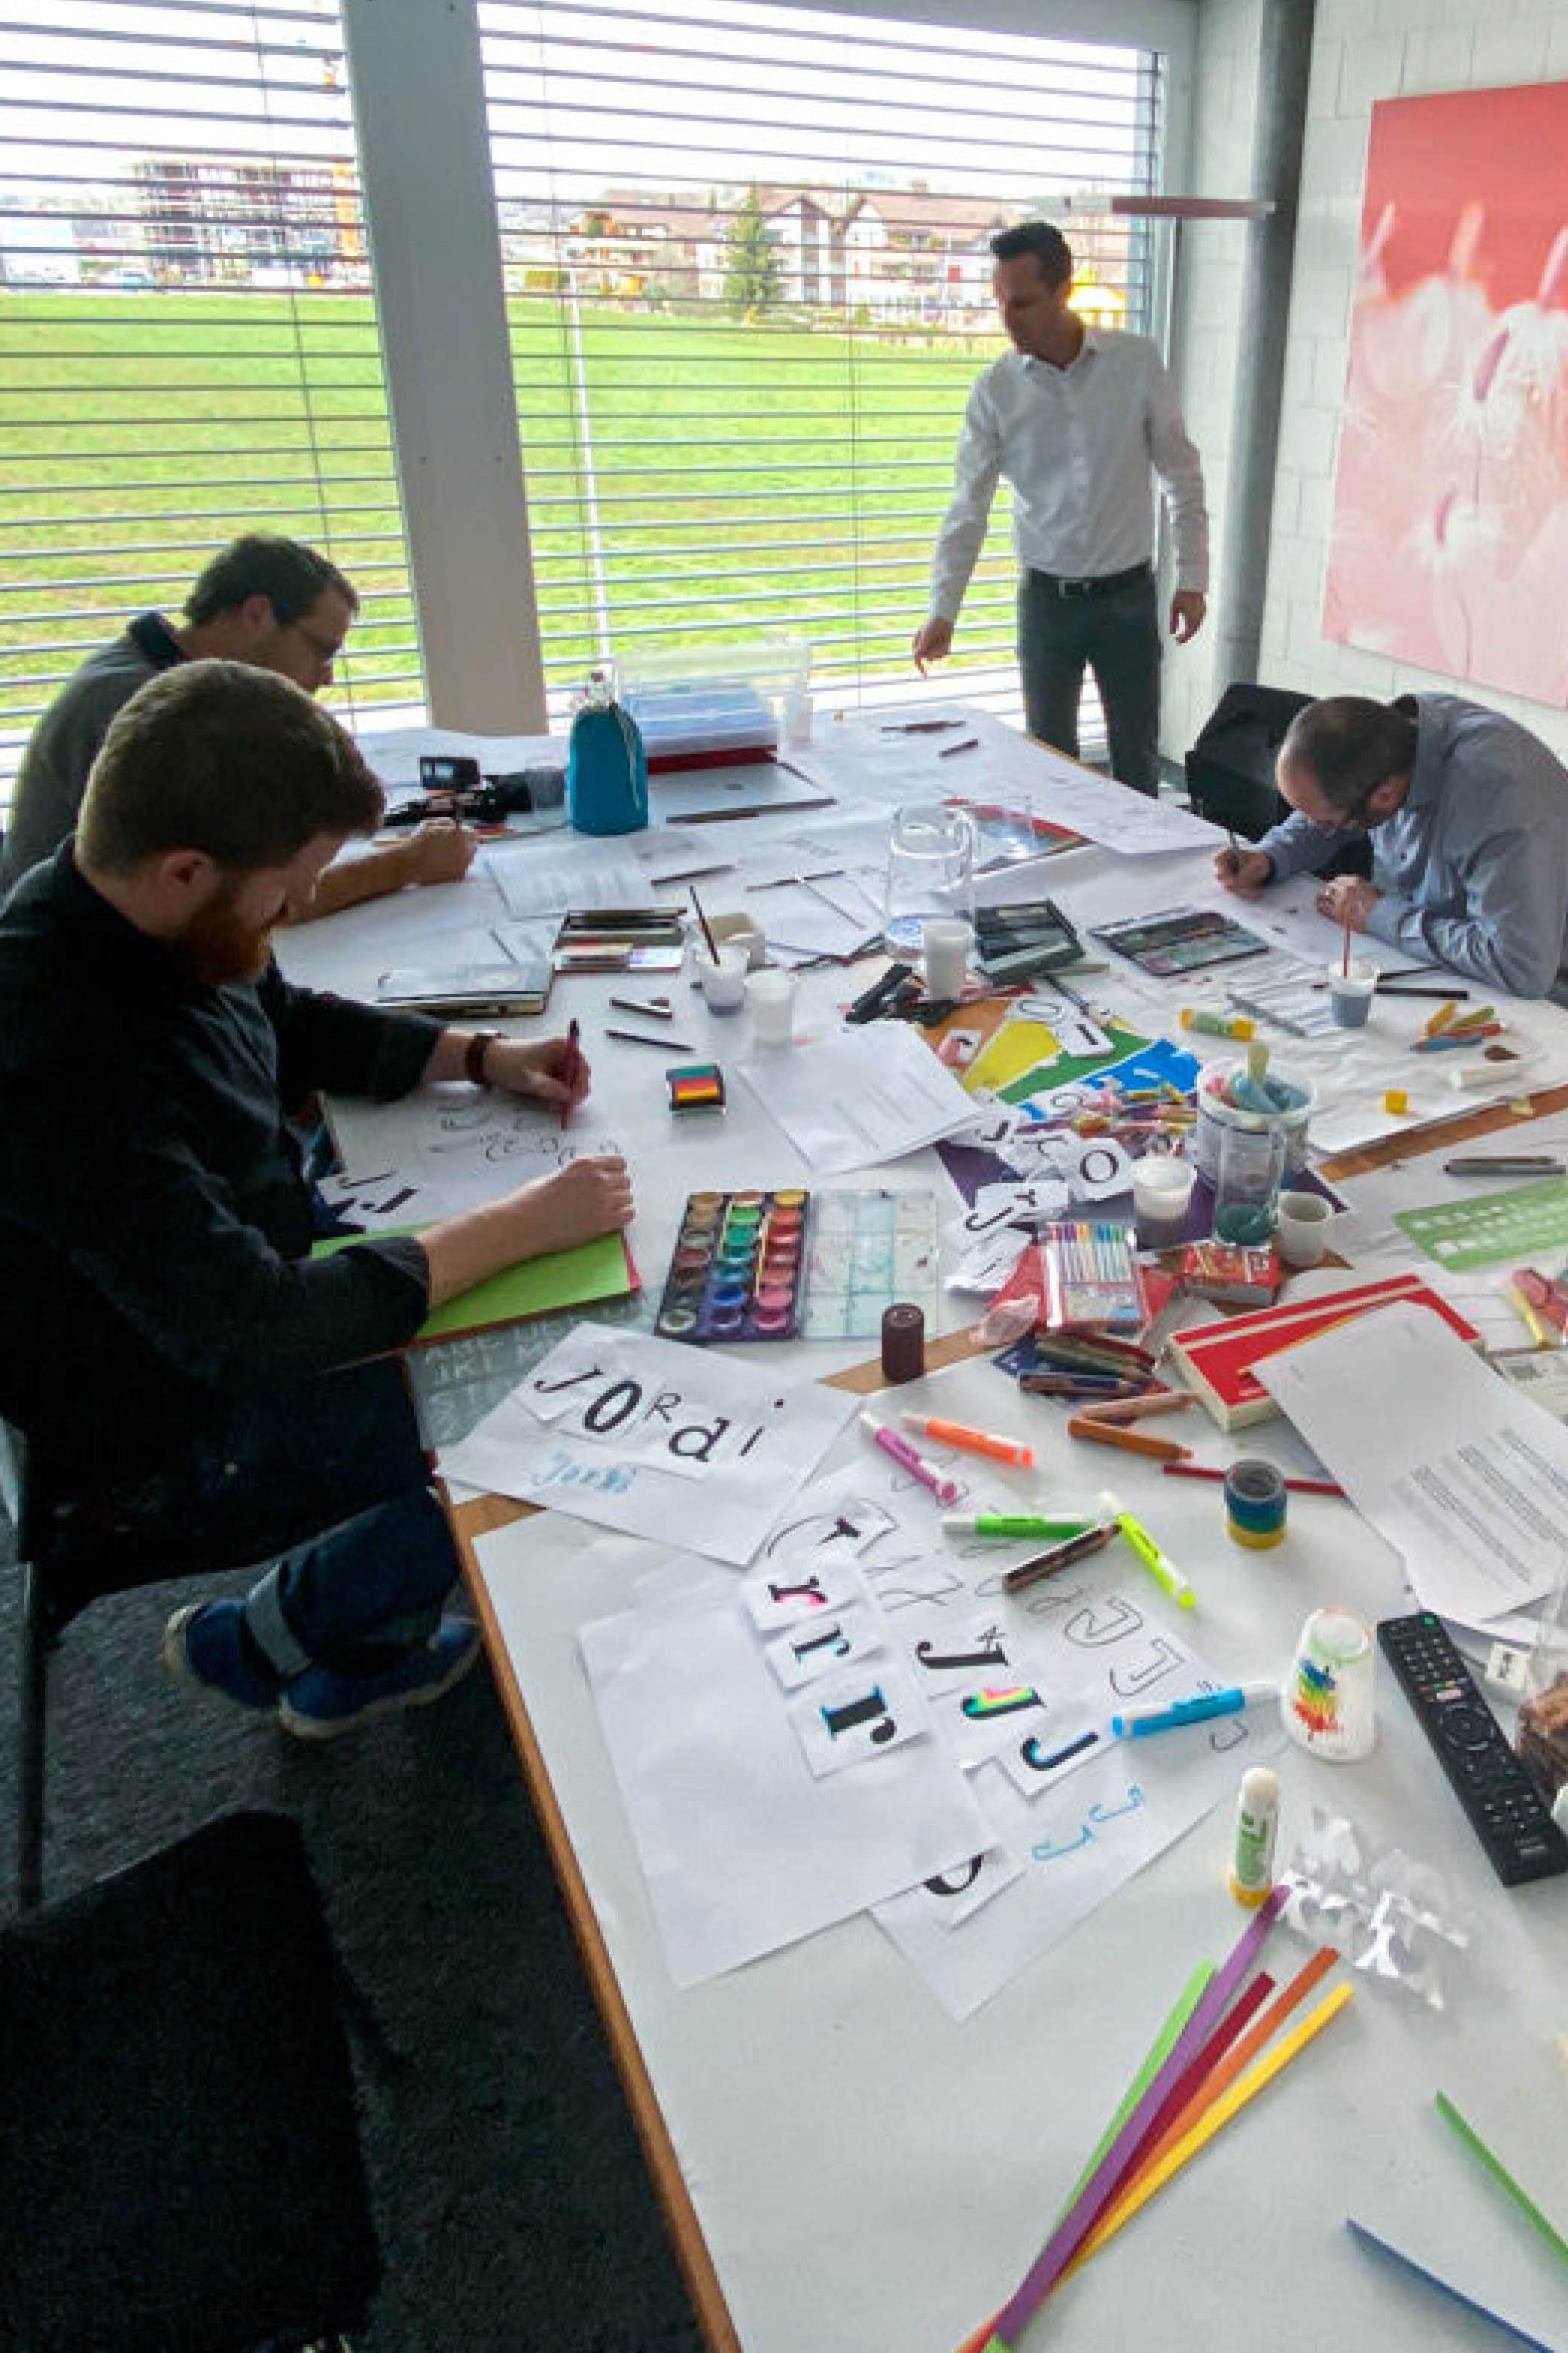 Vier Personen zeichnen an einem von Workshopmaterial bedeckten Tisch